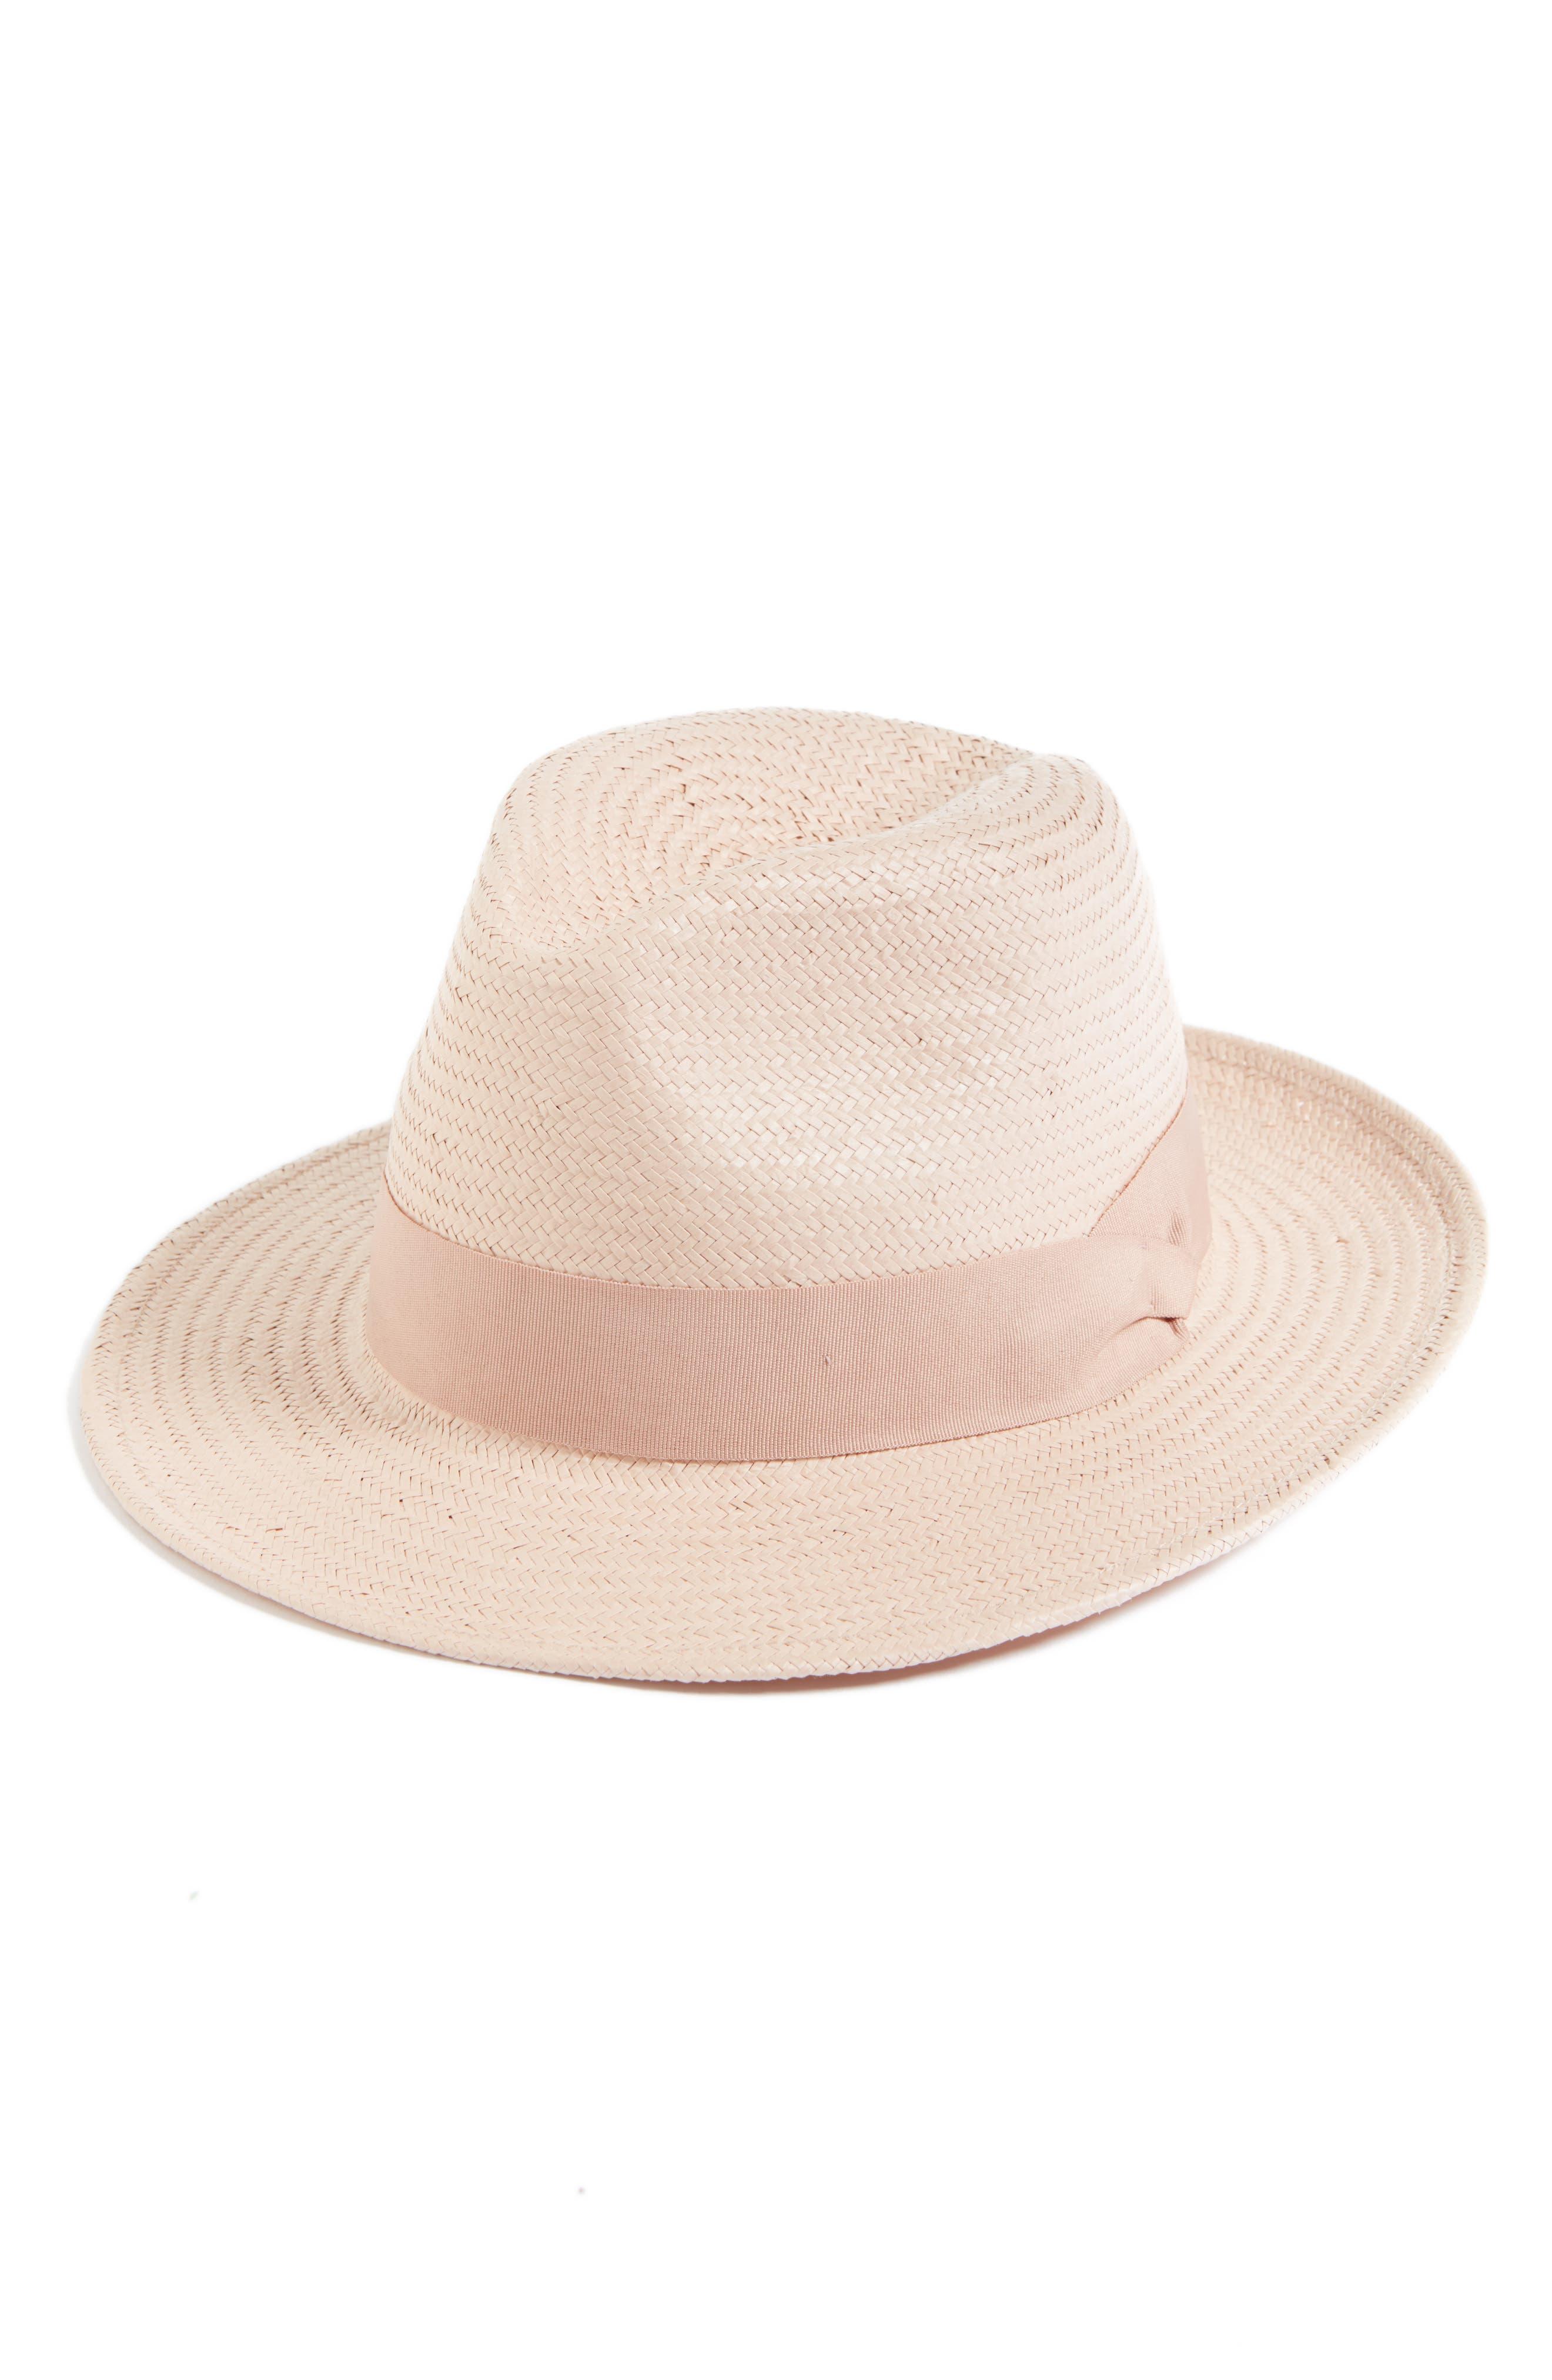 Straw Panama Hat,                             Main thumbnail 1, color,                             680